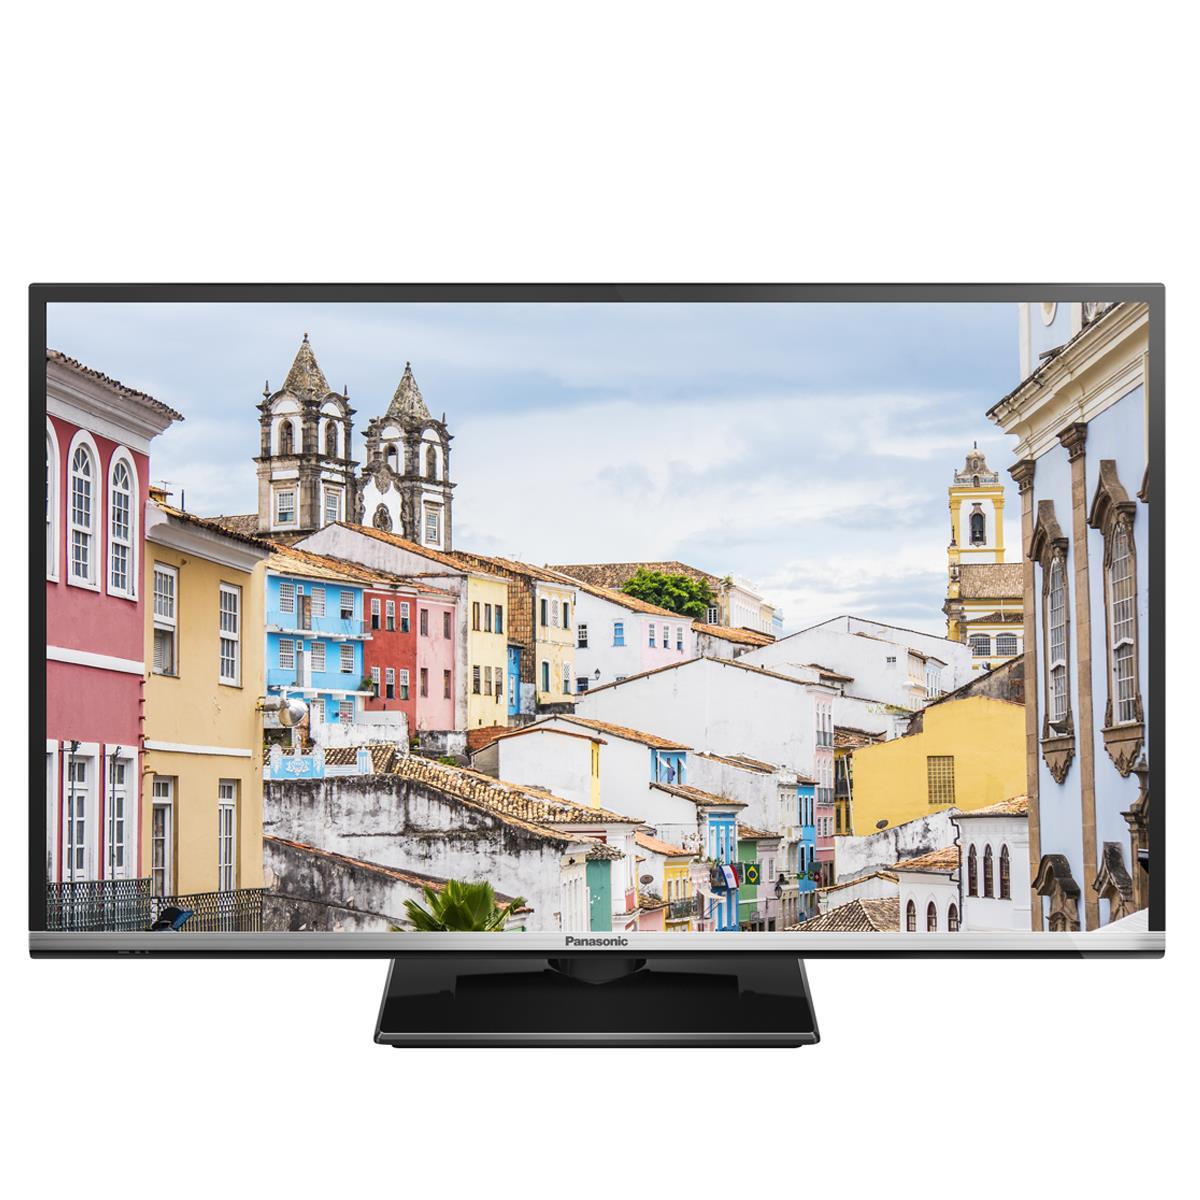 Smart Tv Led 32 Panasonic  -  Hdmi | Usb | Rede -  Tc-32Ds600B